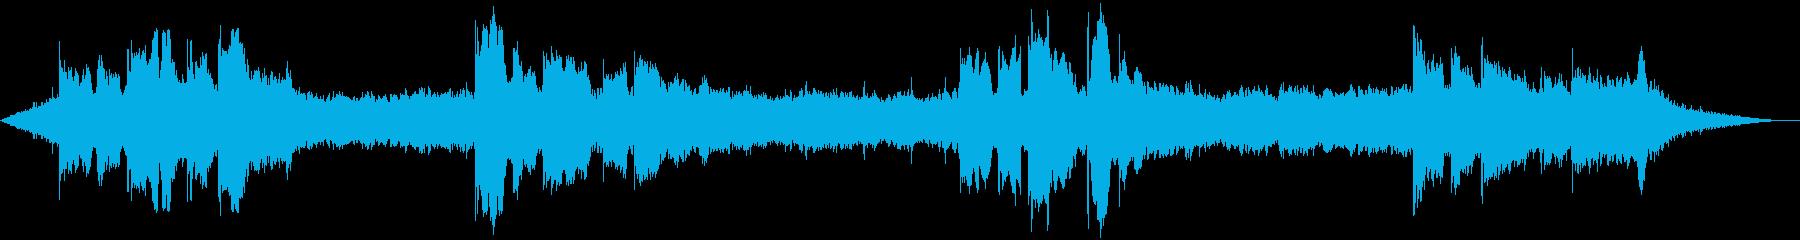 アンビエントムード、リラクゼーショ...の再生済みの波形